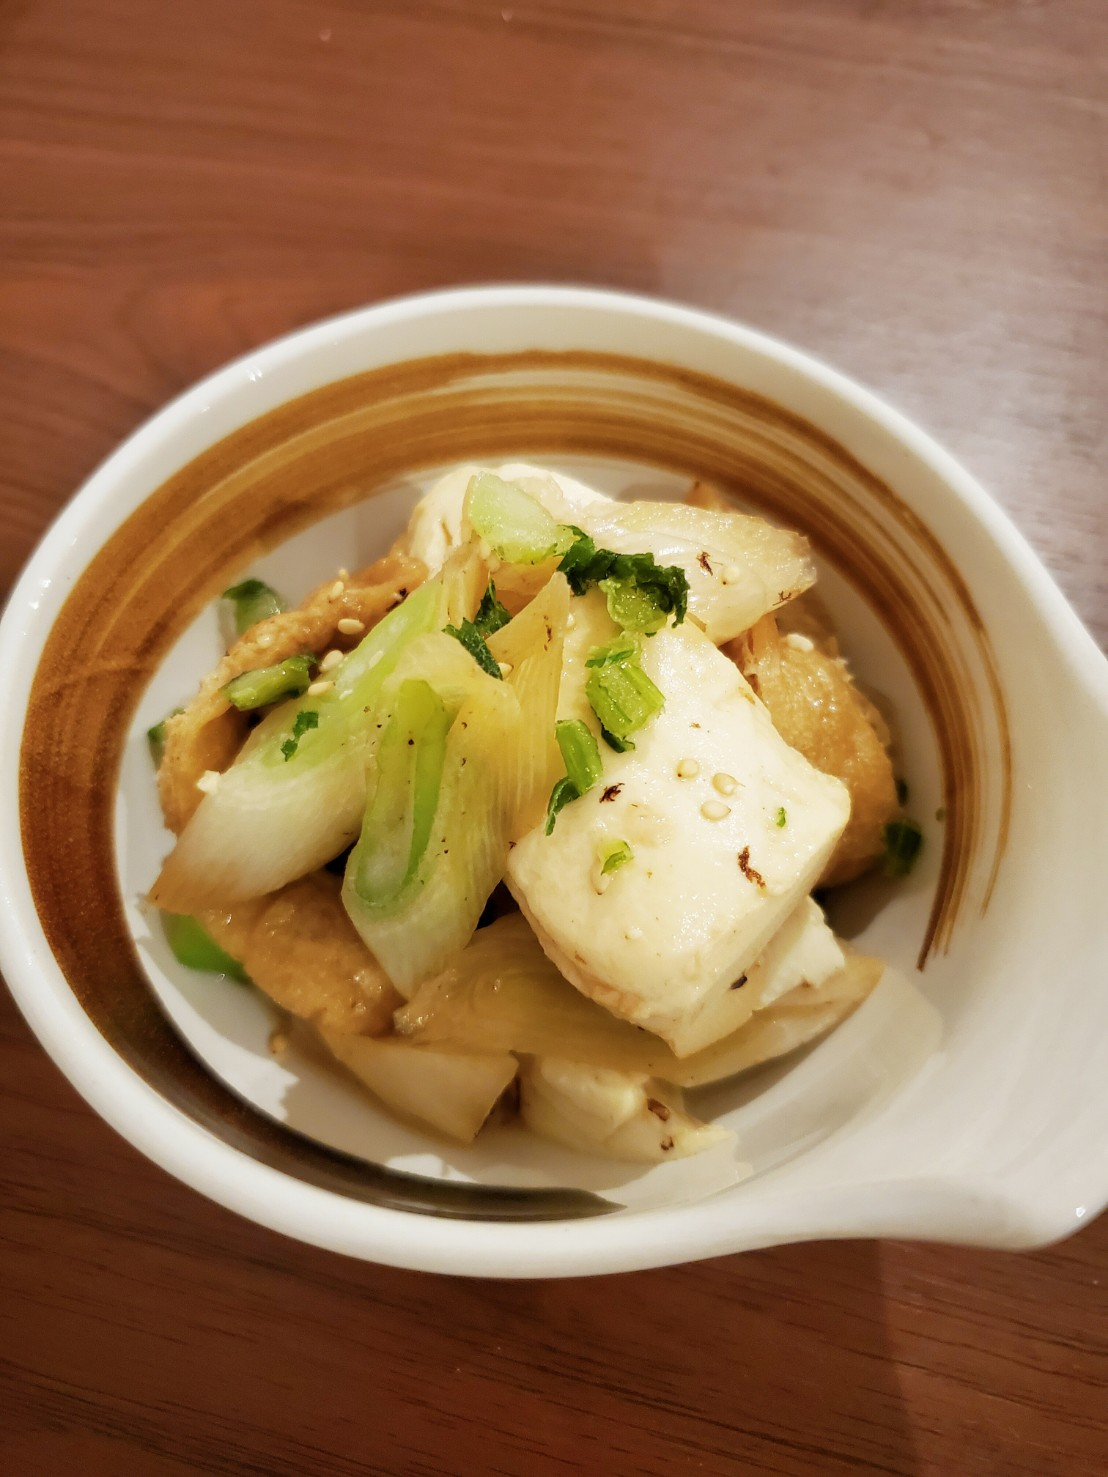 めんつゆで簡単!豆腐とネギのめんつゆ煮